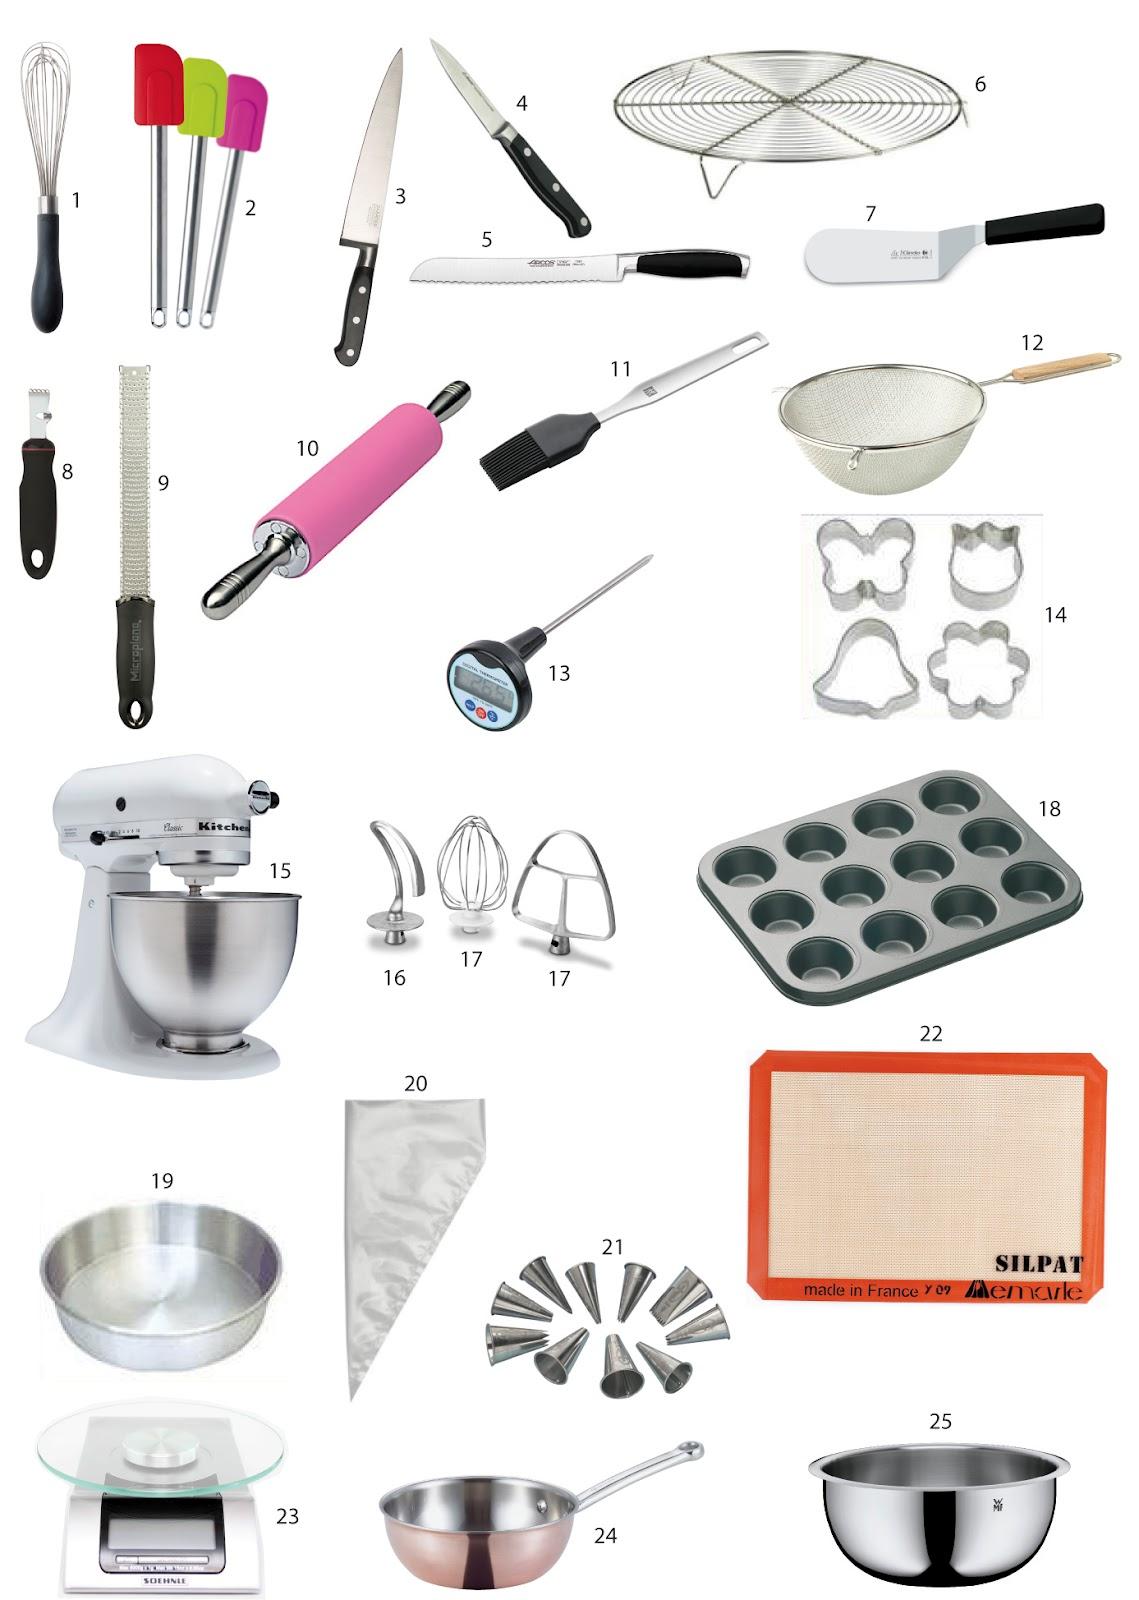 Cannelle douce cuisine elementos b sicos de pasteler a for Utensilios y materiales de una cocina de restaurante